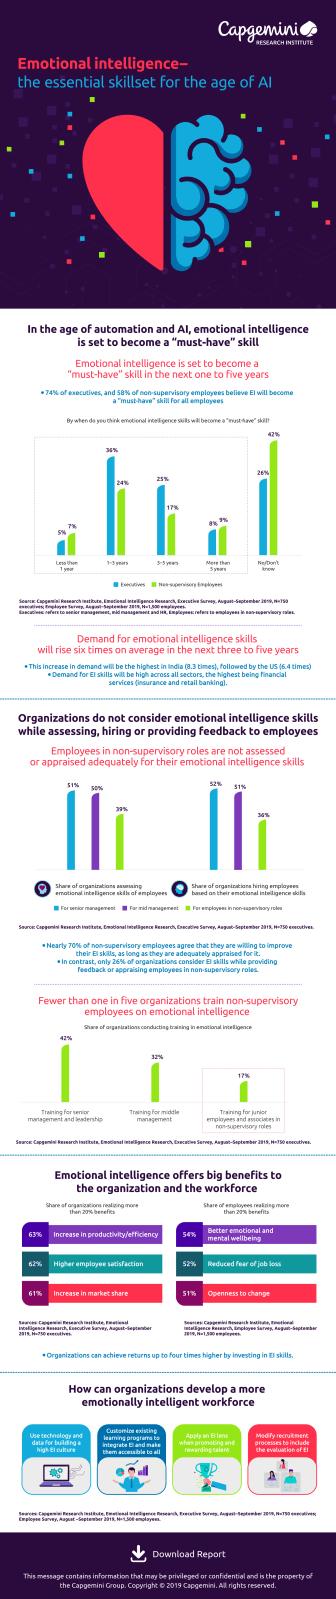 Emotionalintelligence_infographic